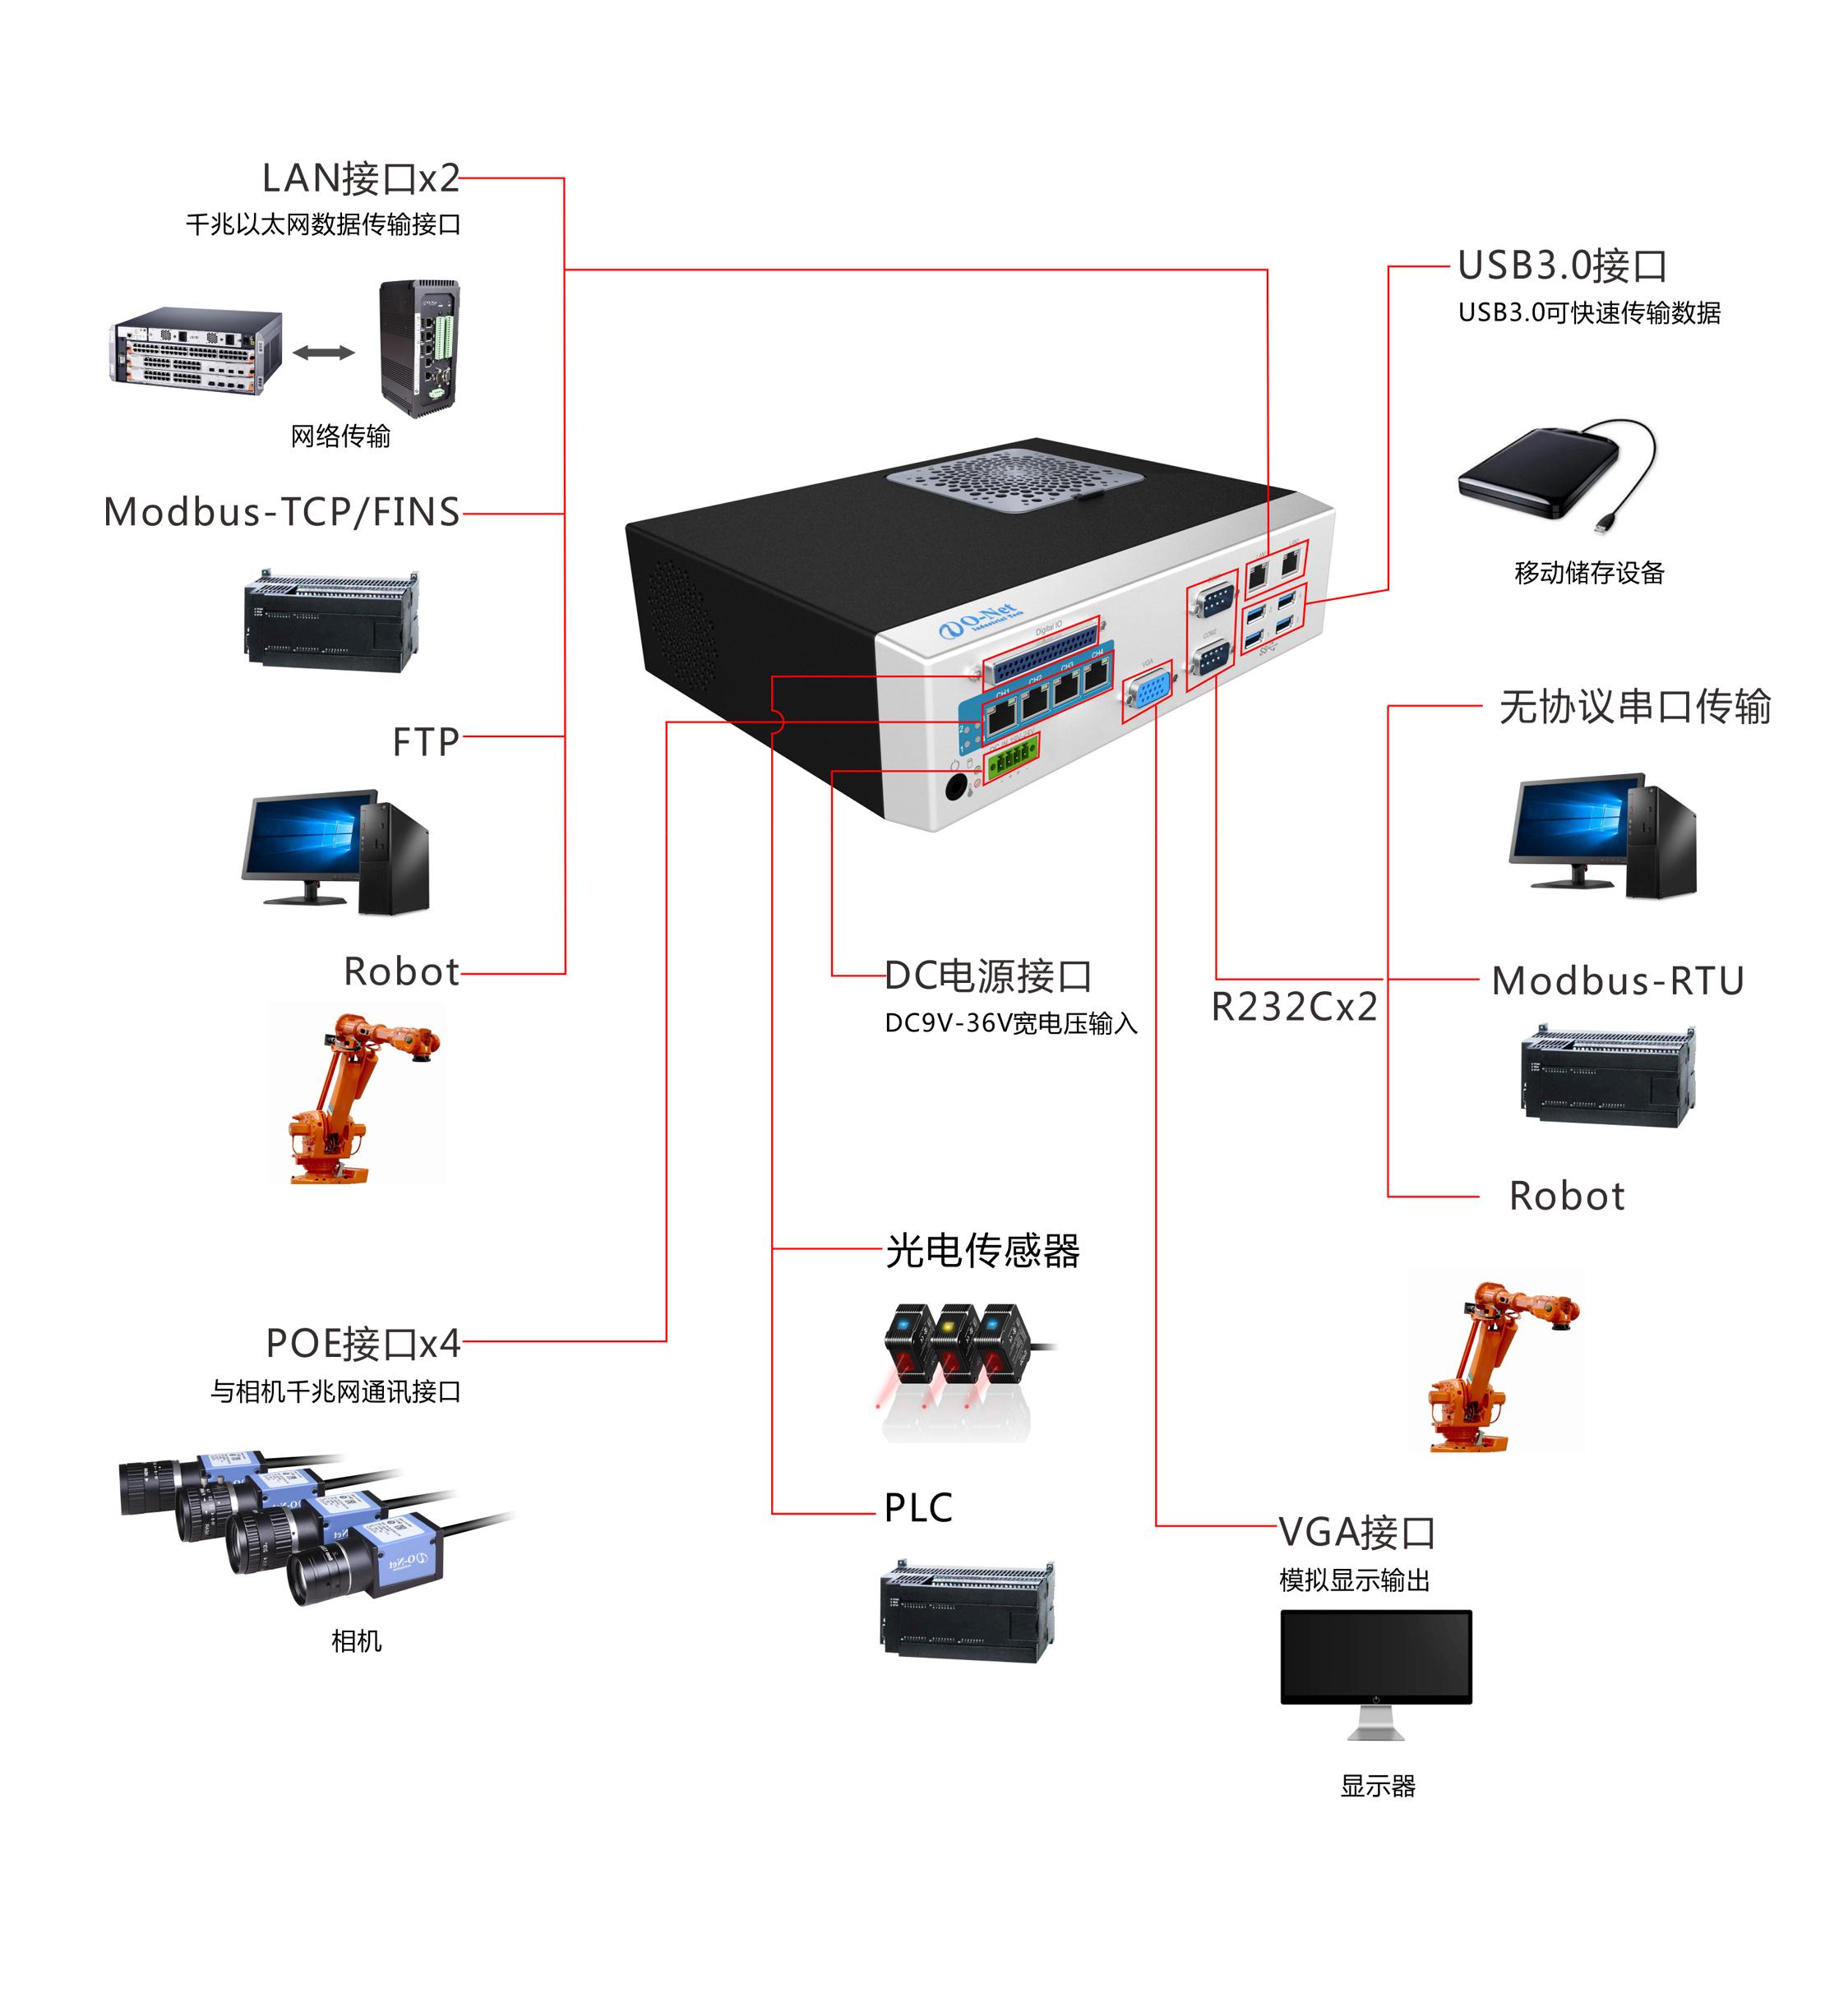 SV通用视觉系统